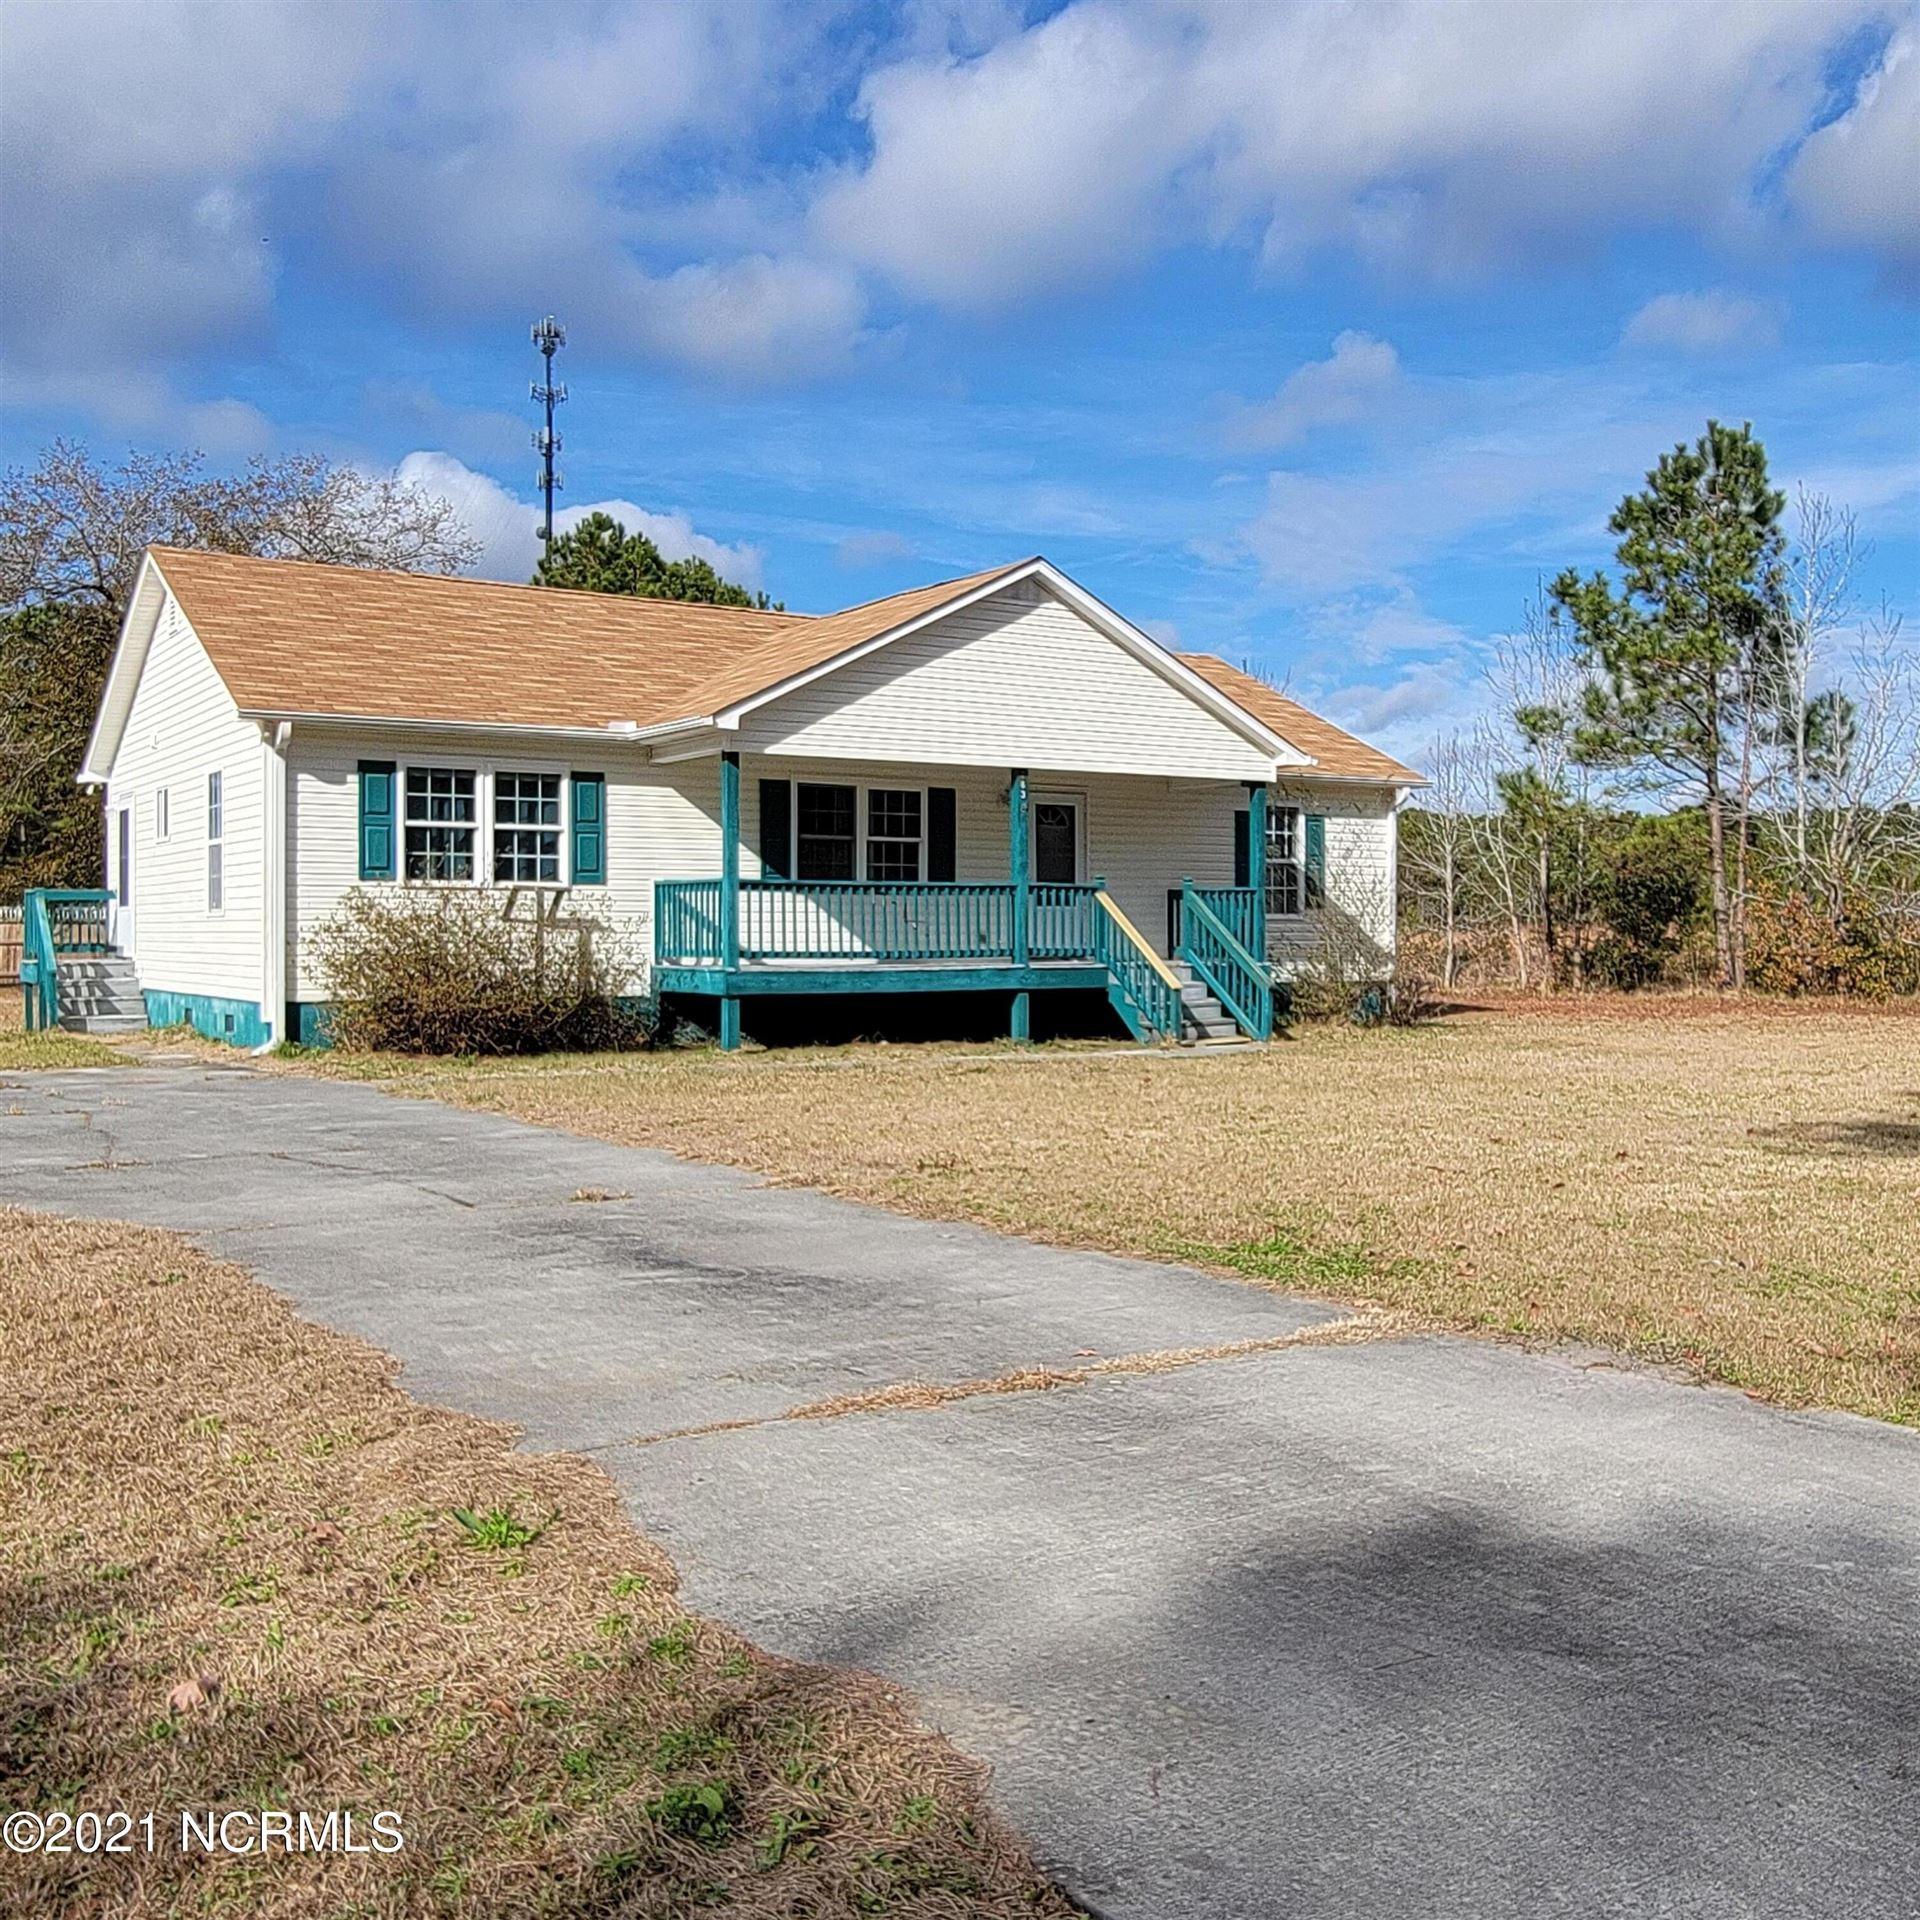 Photo for 263 Sunnybrook Way SE, Leland, NC 28451 (MLS # 100279921)